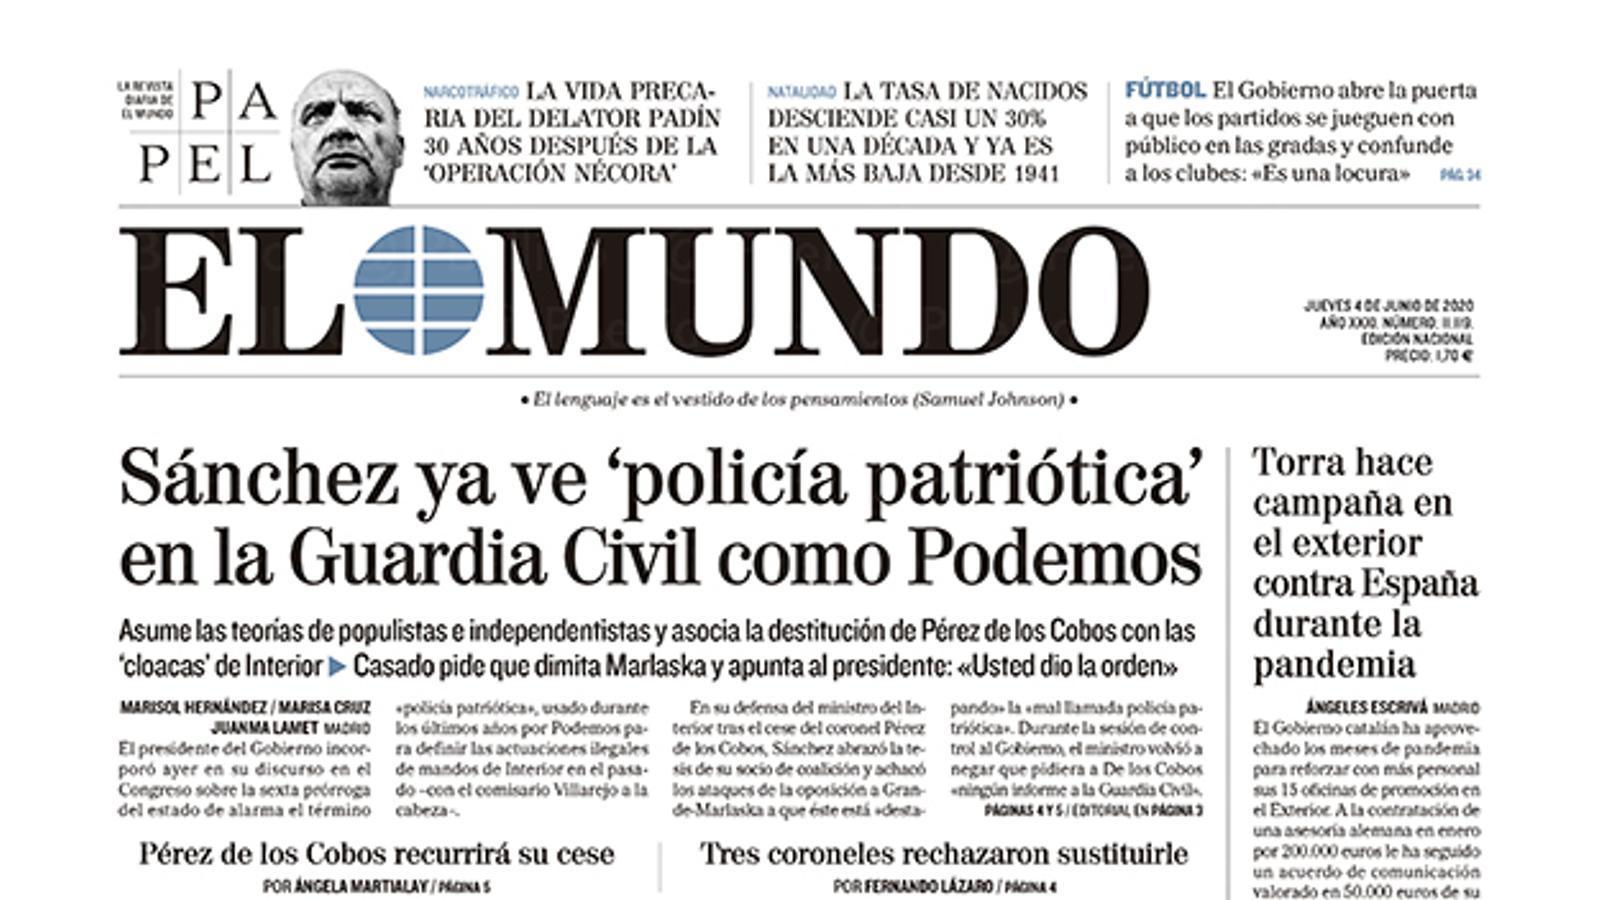 4/6/2020 El Mundo